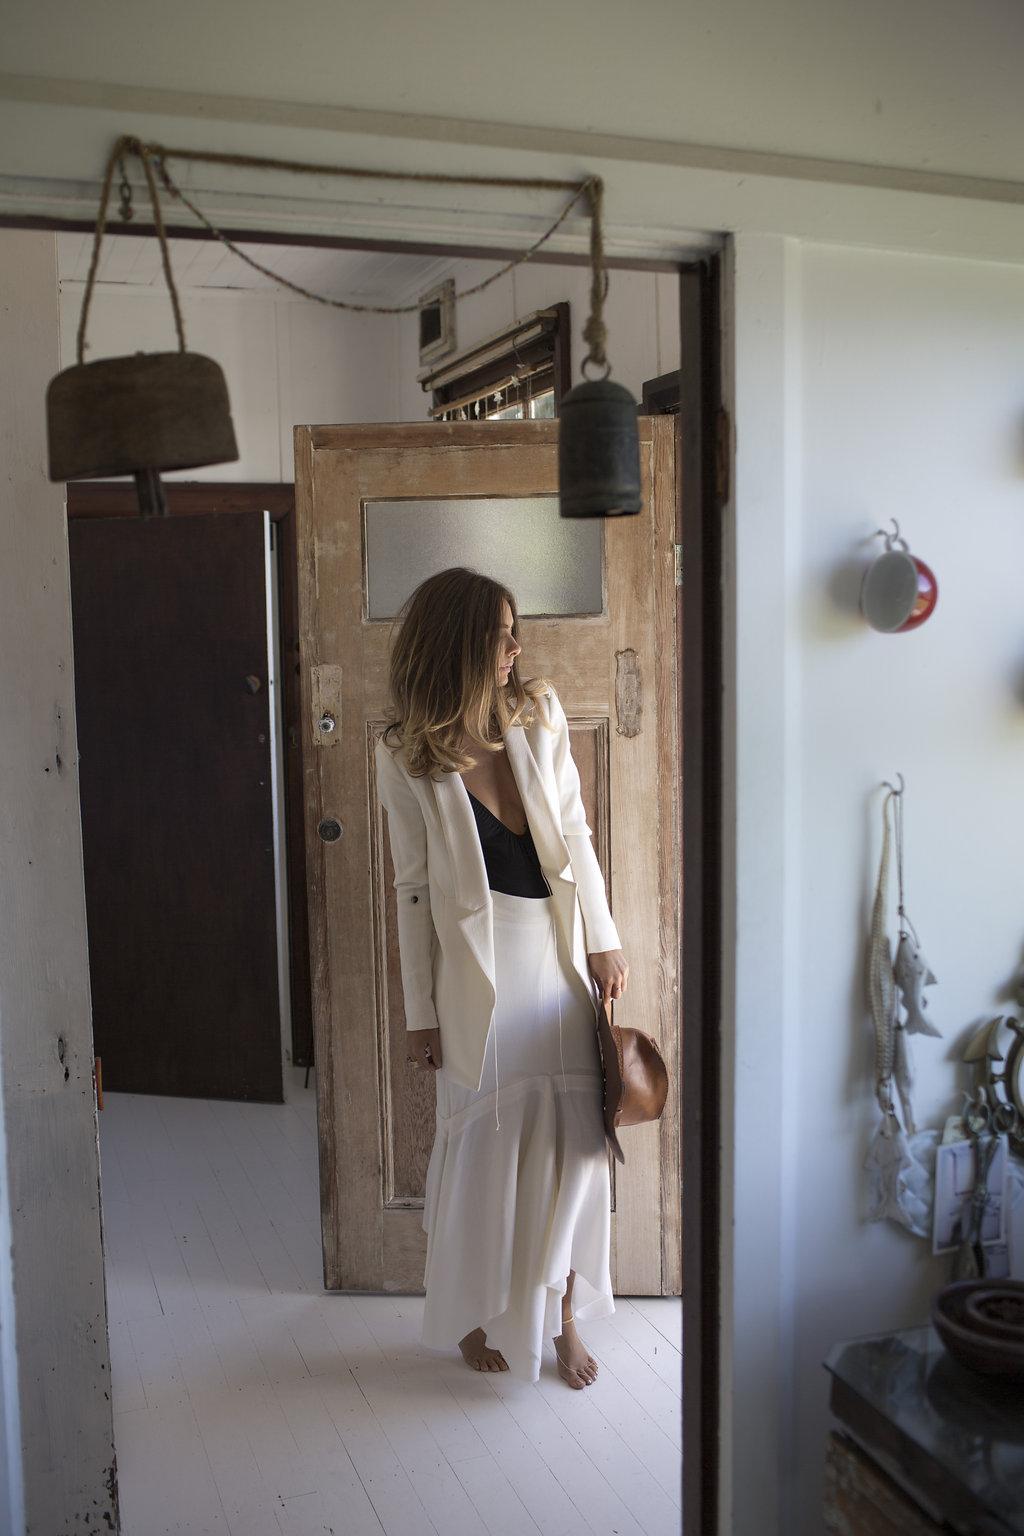 SHAYNE_ALLEN_THE BEACH HOUSE IN AVALON_FD8A94882.jpg